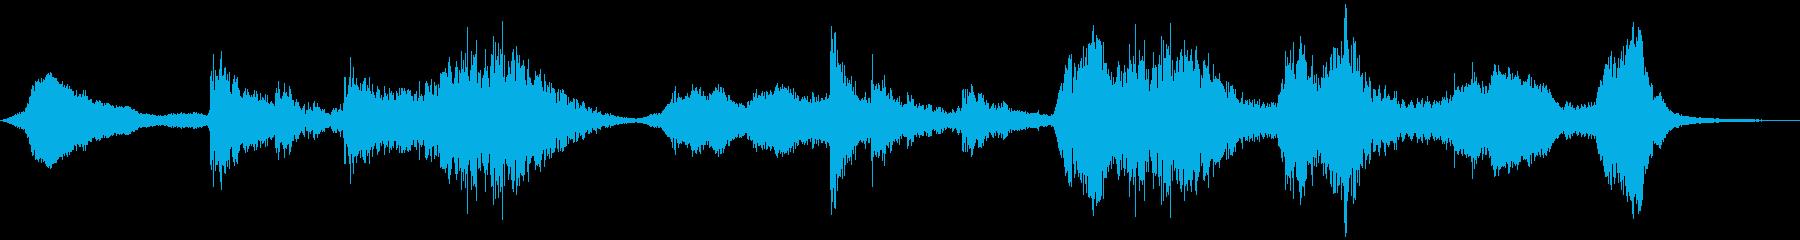 【ダーク】 不敵な笑みの再生済みの波形